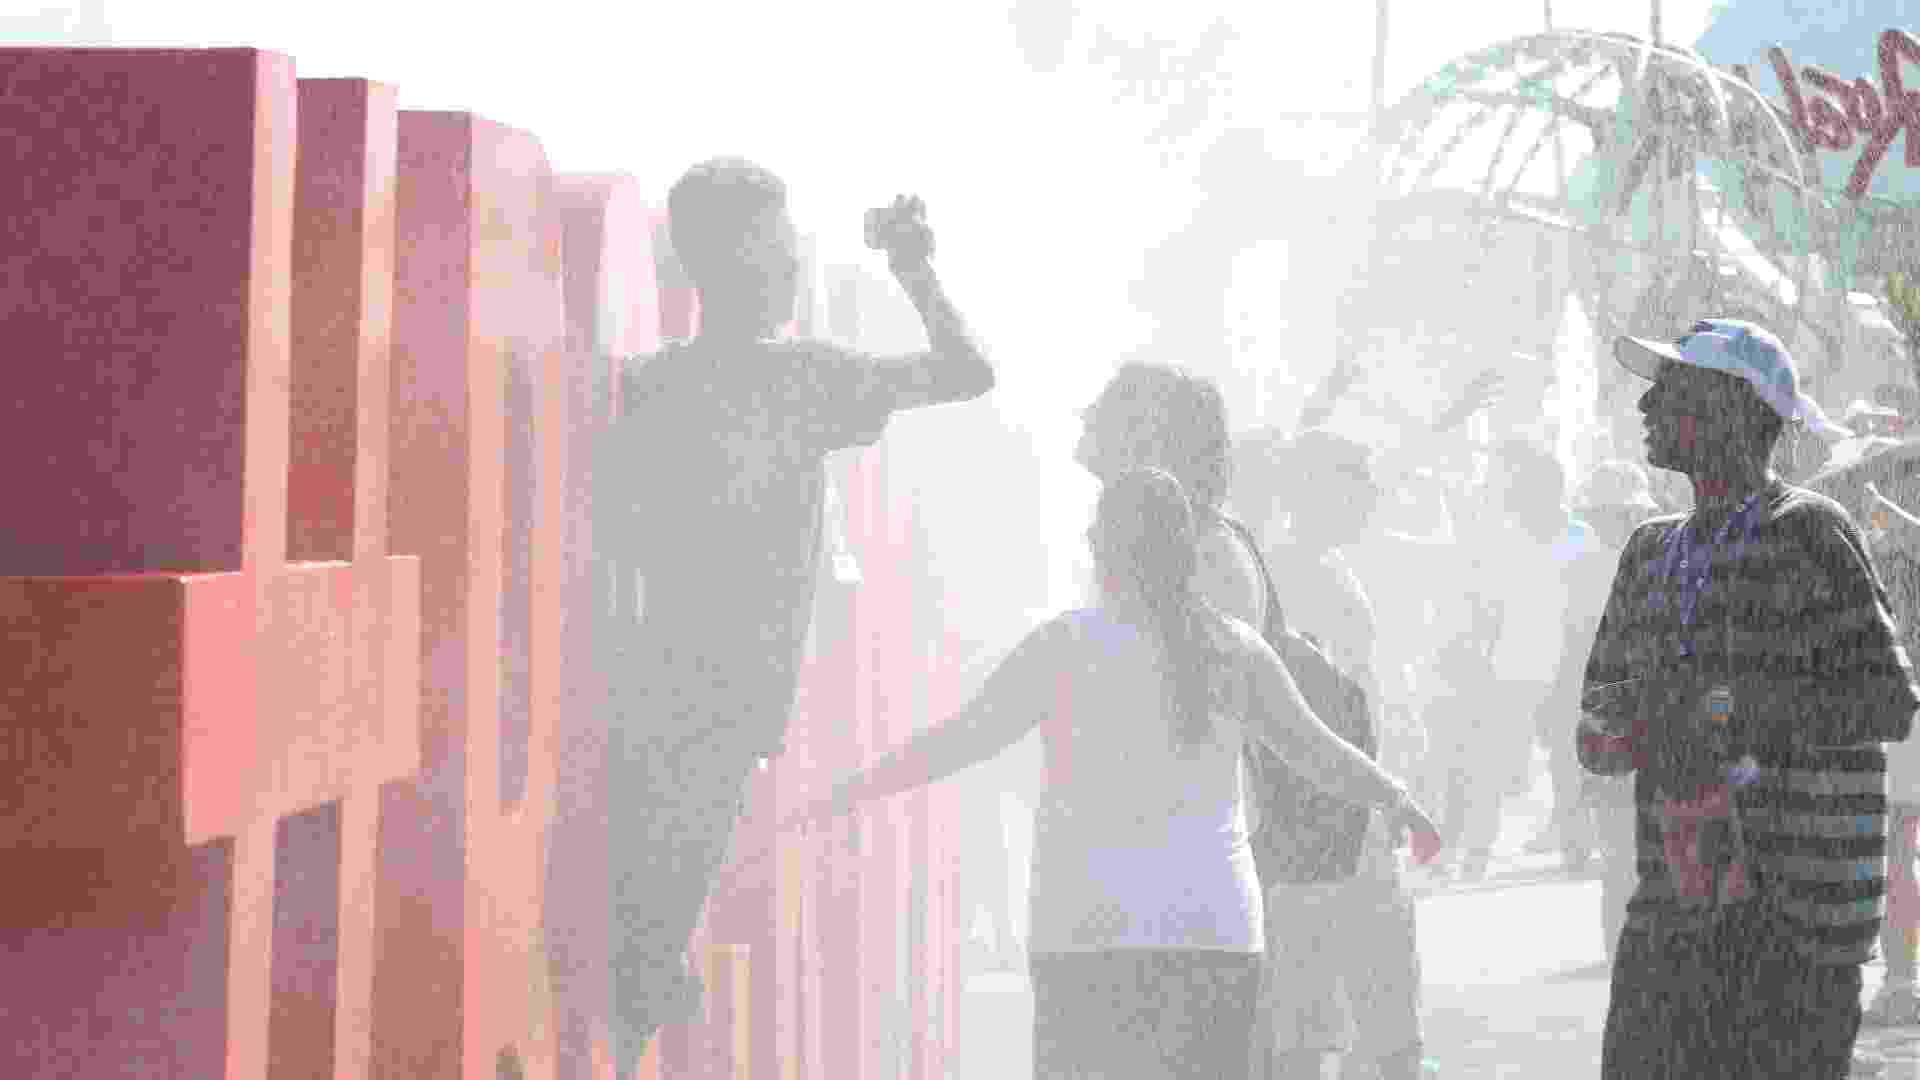 18.set.2015 - Com a temperatura batendo os 38º C e sensação térmica de 40º C, público que chega à Cidade do Rock, para curtir o primeiro dia de Rock in Rio, tenta se refrescar do jeito que pode e já aproveita para tirar foto - Marco Antônio Teixeira/UOL